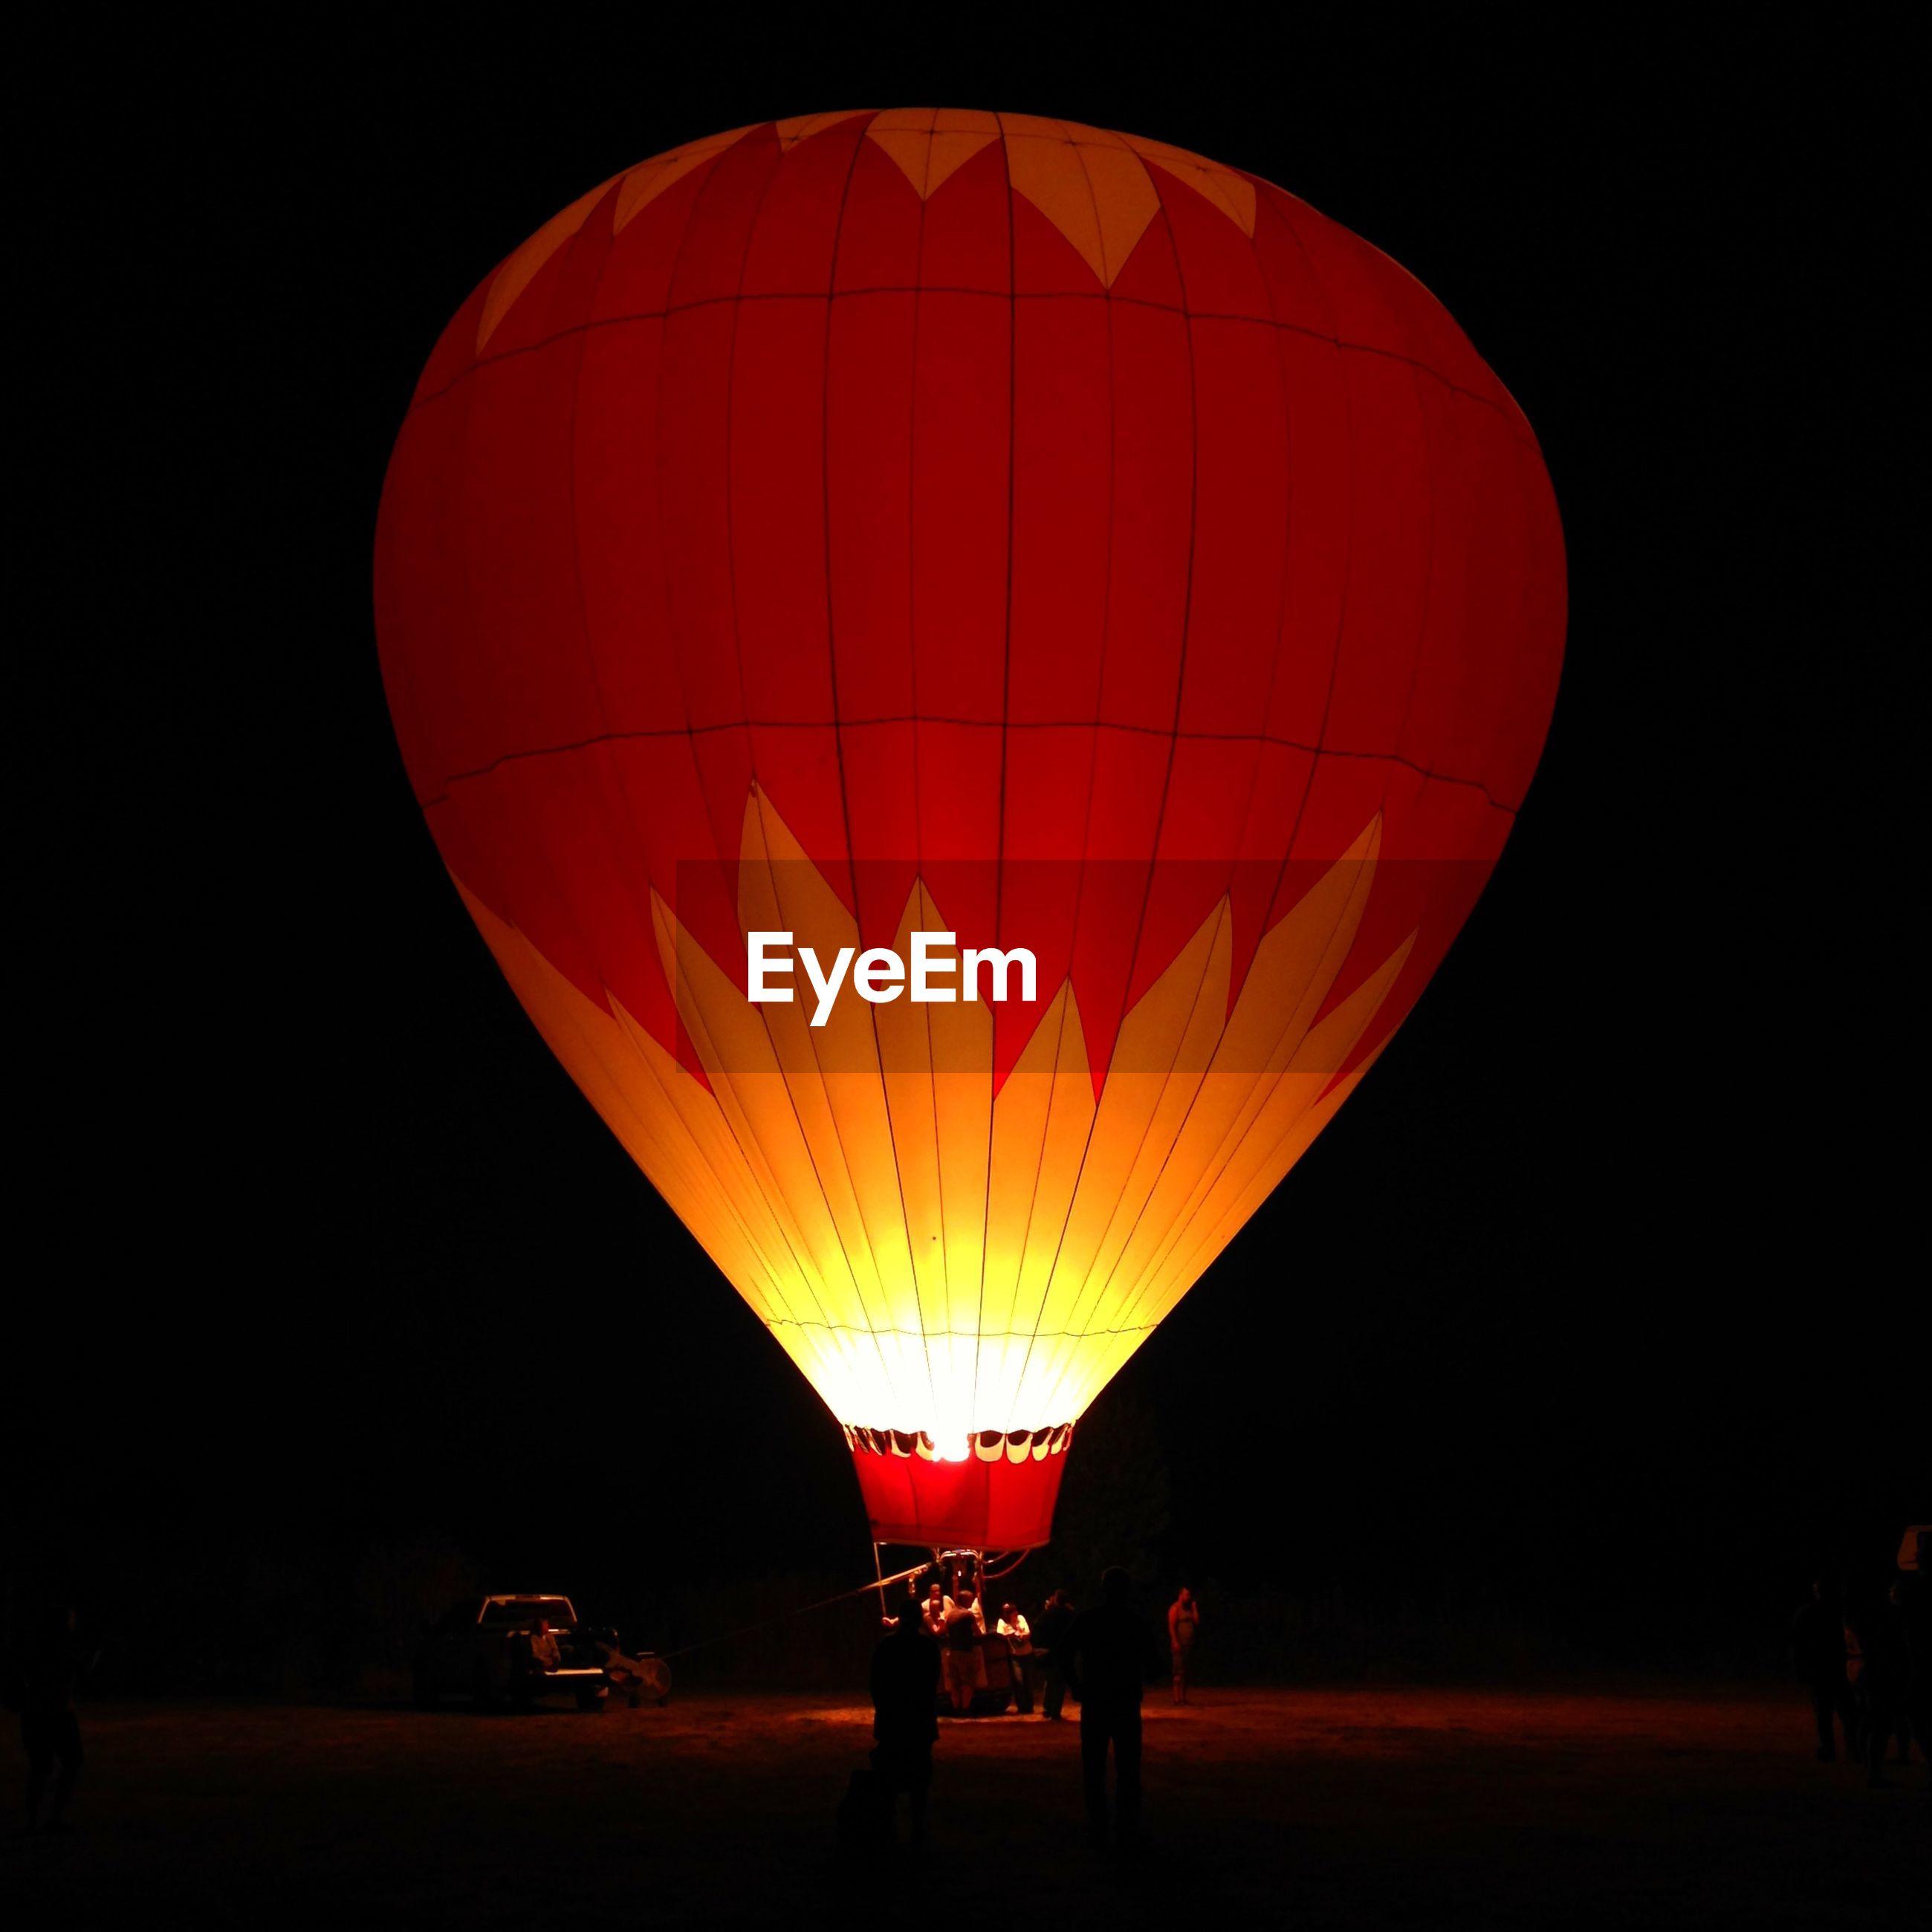 Illuminated hot air balloon at night